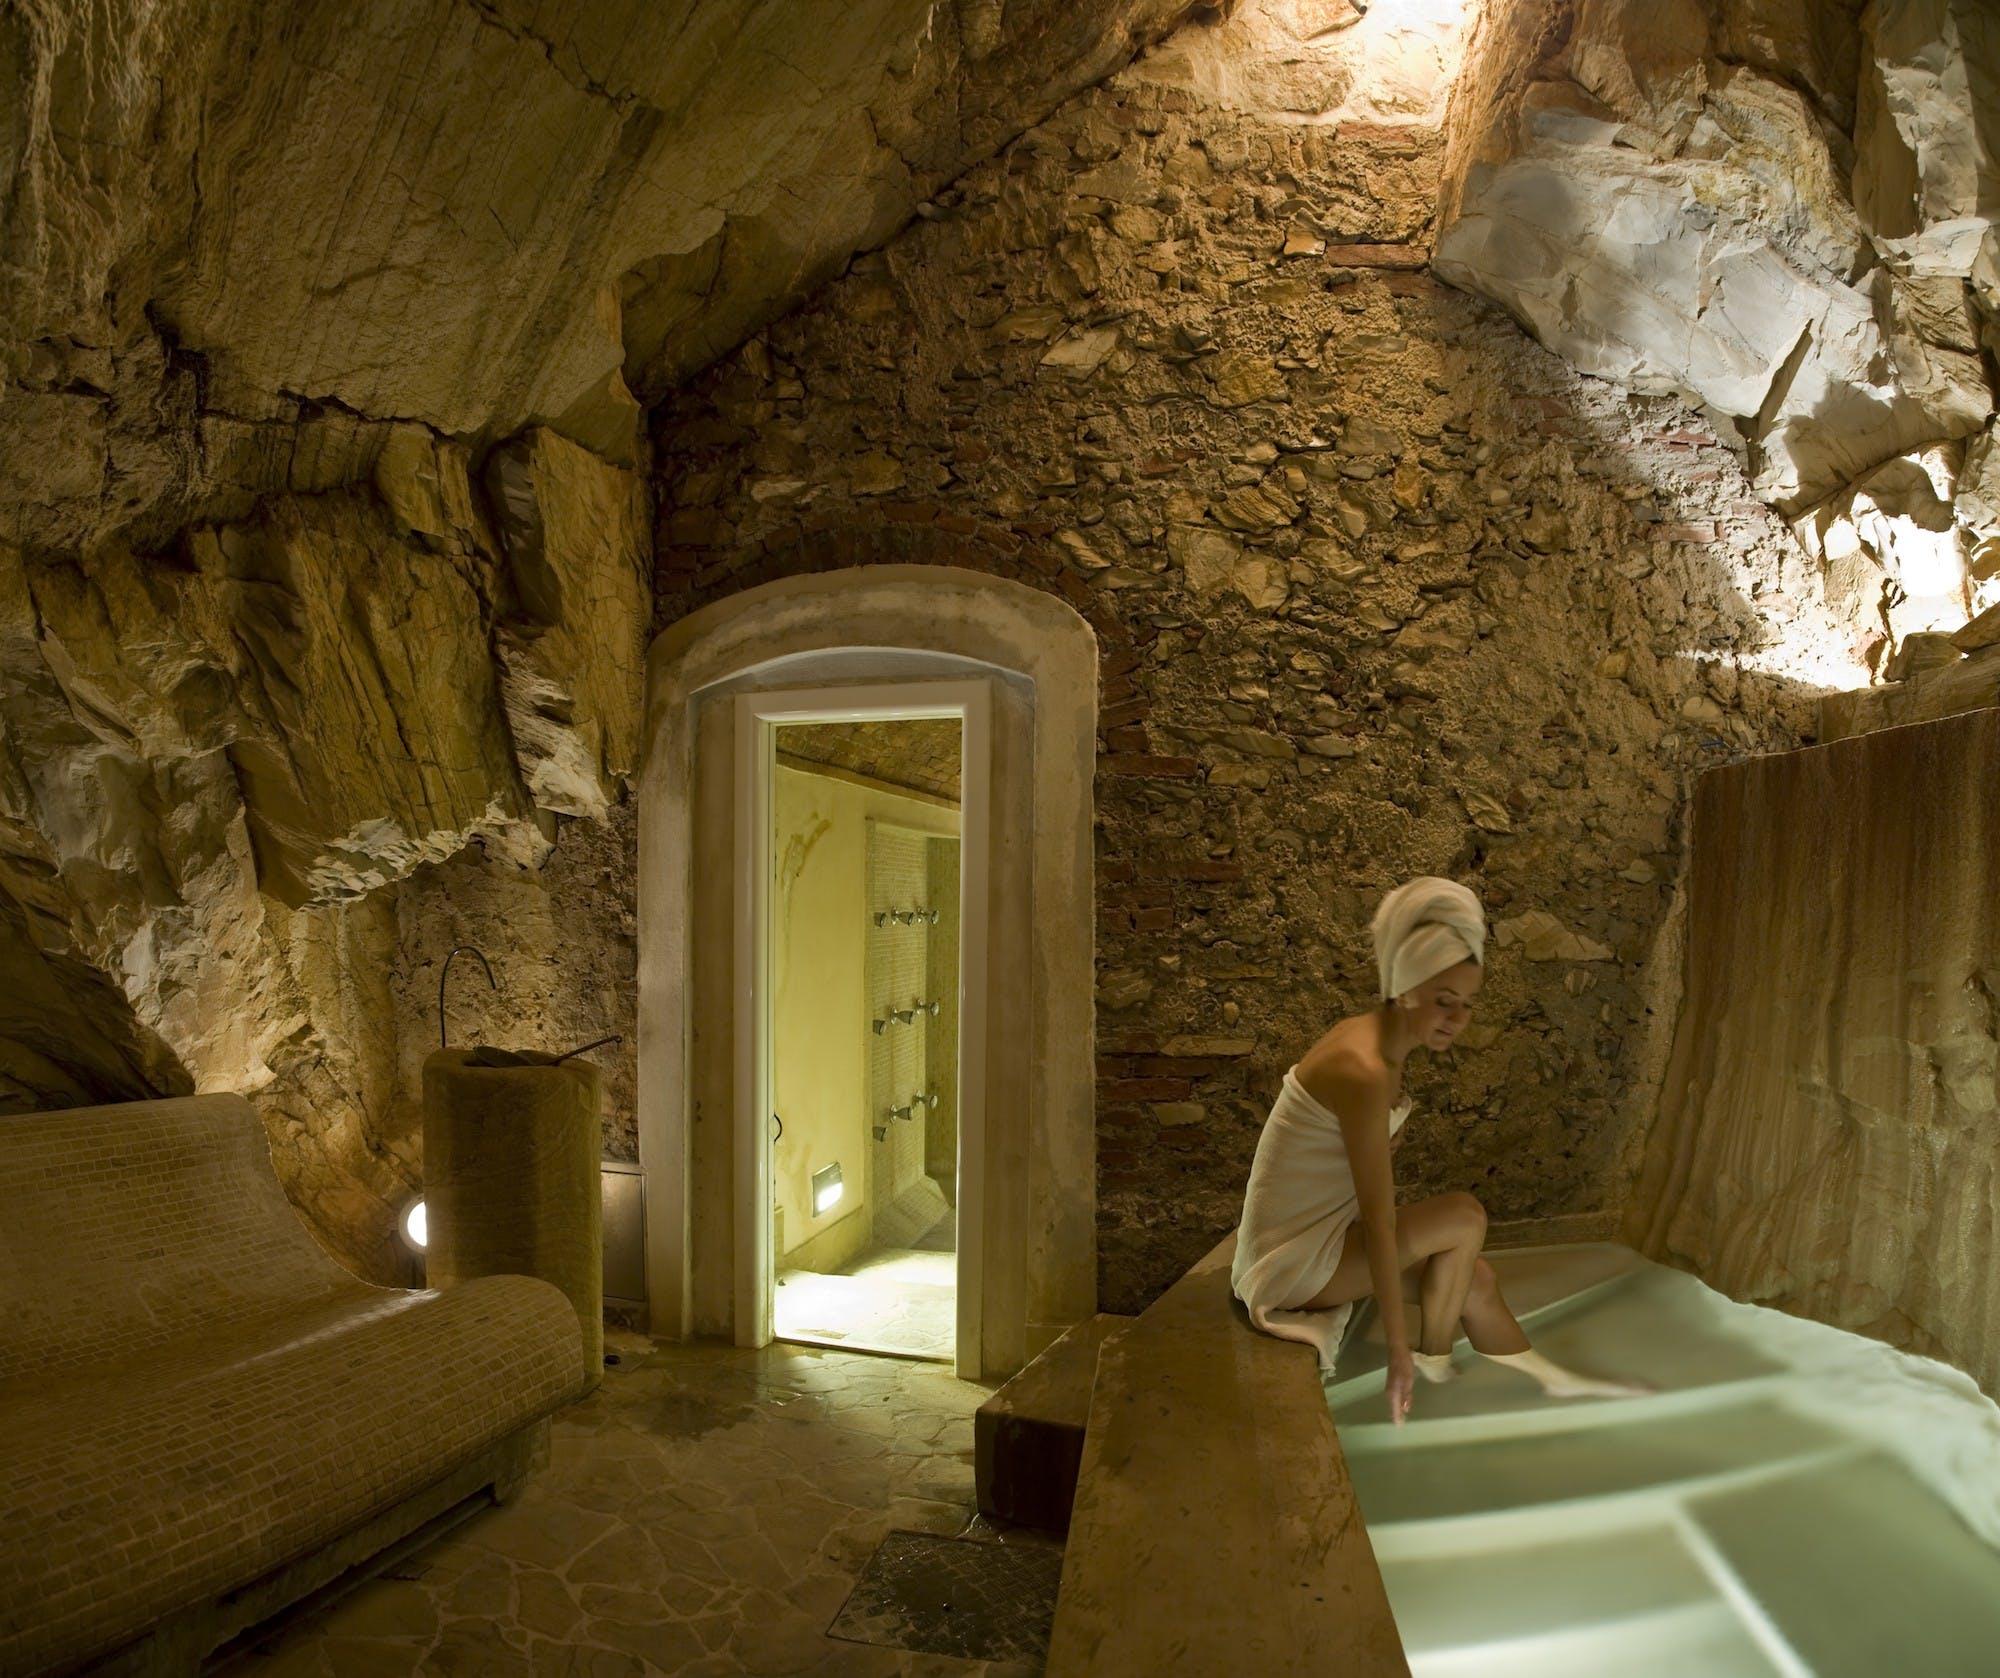 Grotto.jpg Natural de Bagni di Pisa_Natural Spa_The gran duque